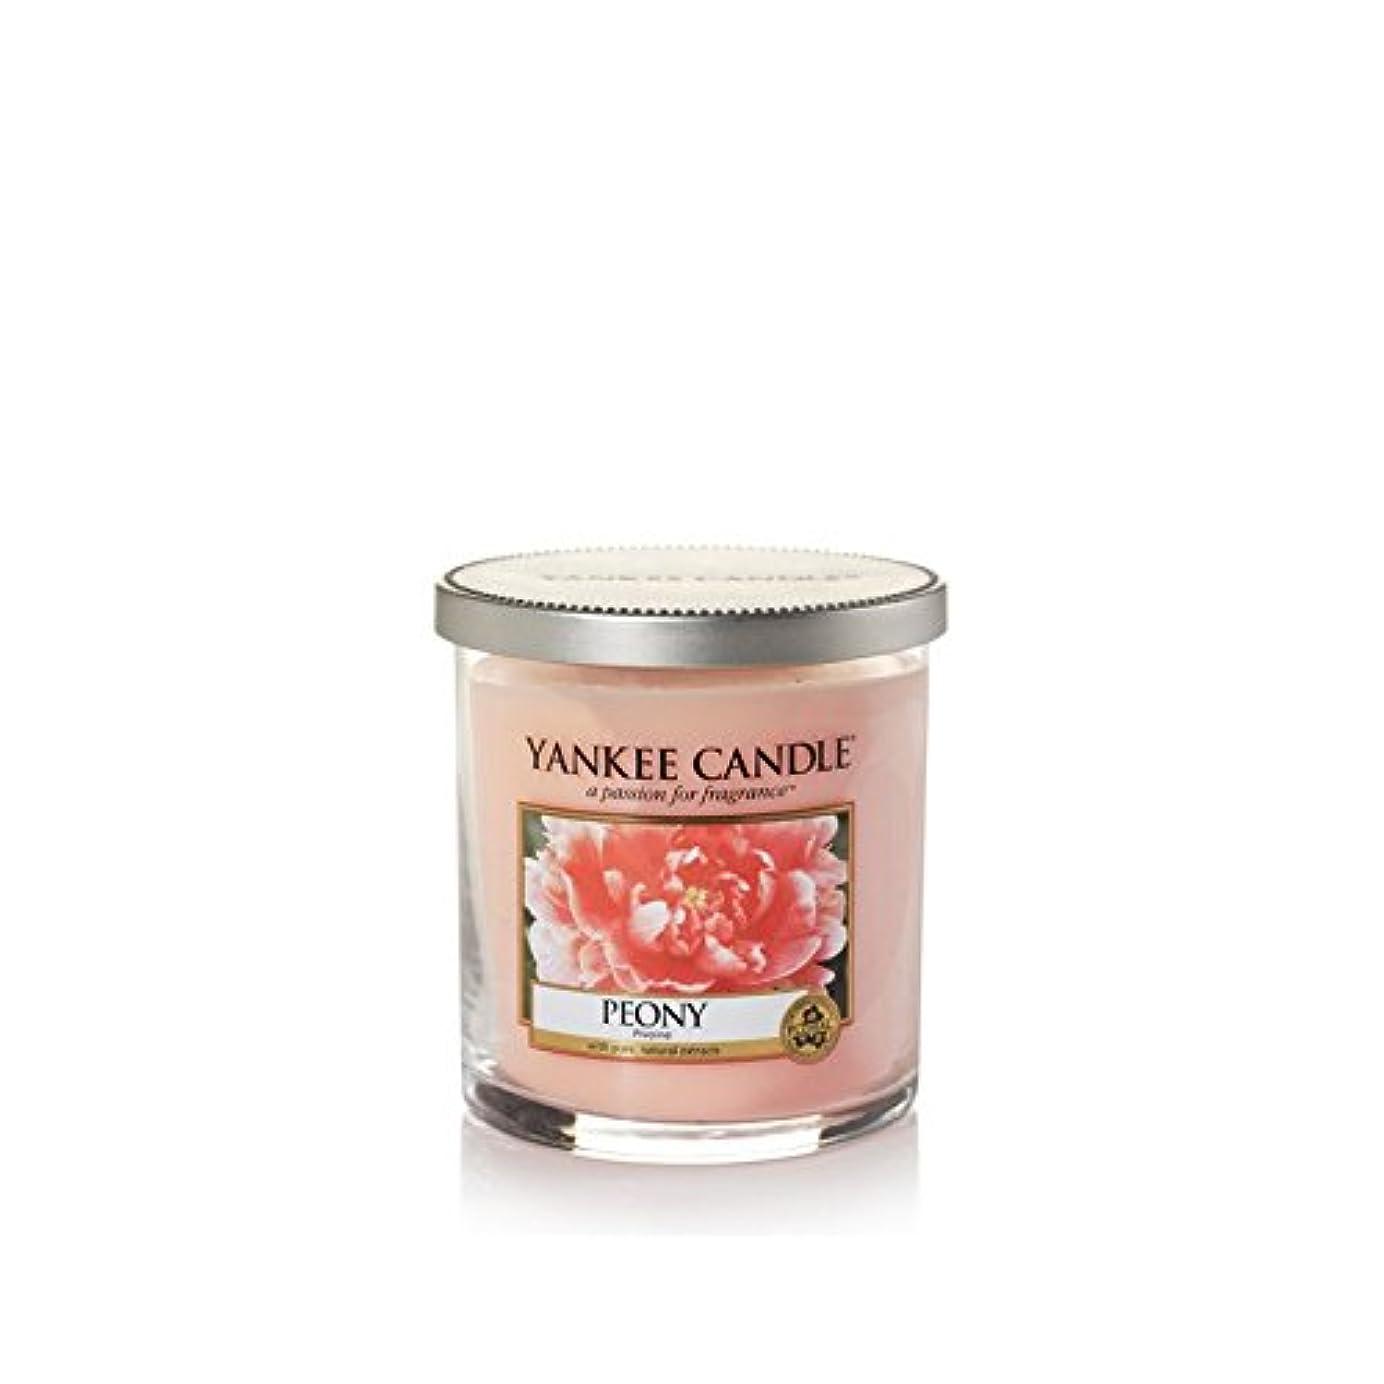 発音する羊飼い素晴らしいYankee Candles Small Pillar Candle - Peony (Pack of 2) - ヤンキーキャンドルの小さな柱キャンドル - 牡丹 (x2) [並行輸入品]